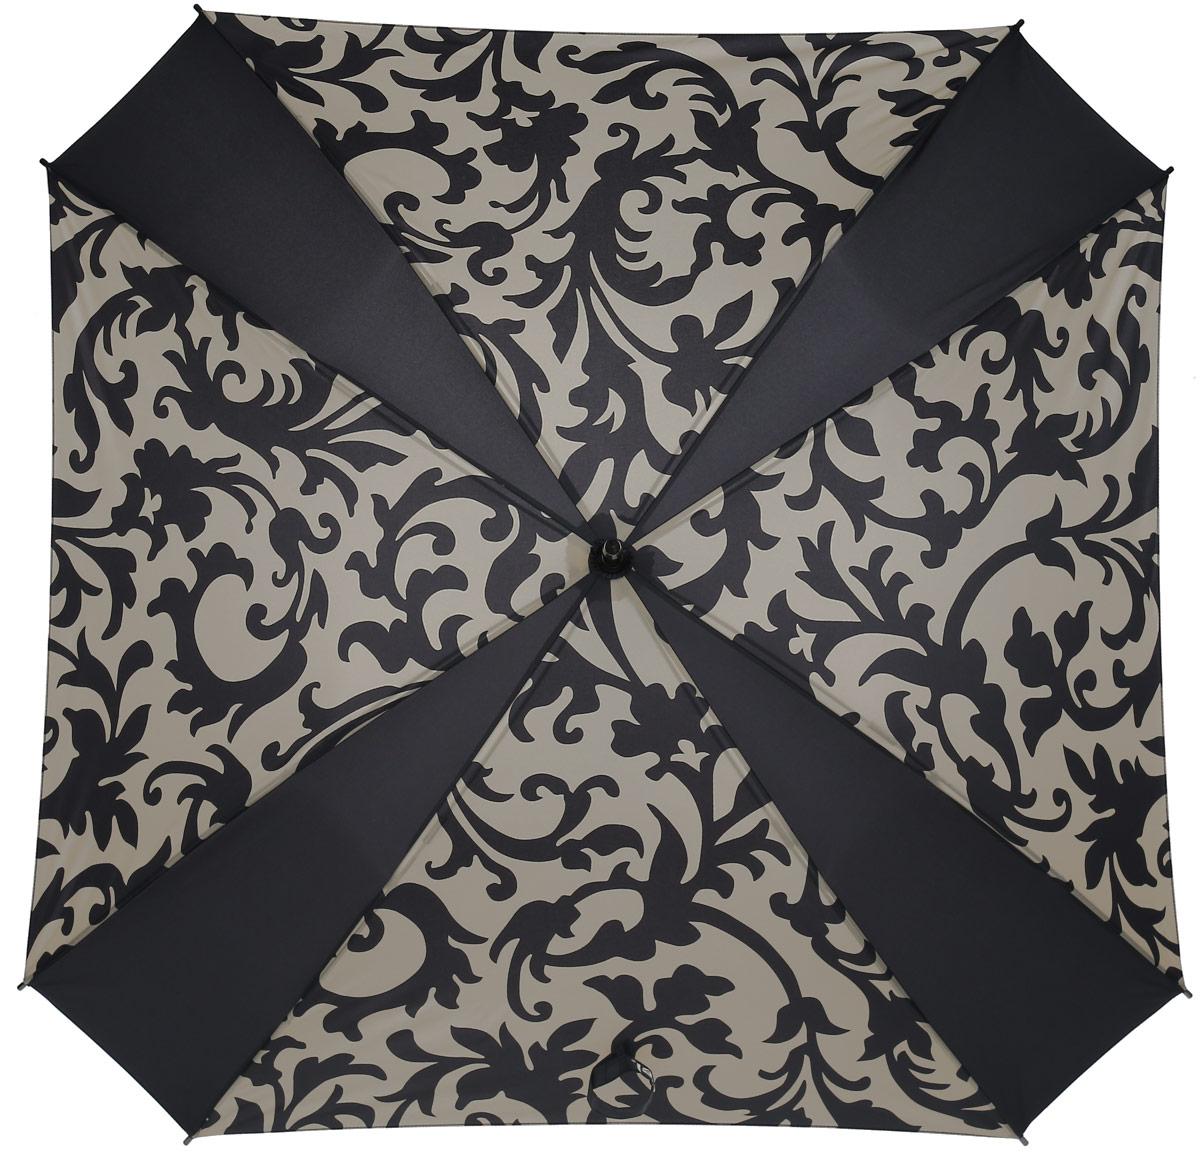 Зонт-трость Reisenthel, цвет: бежевый, черный. YM7027YM7027Ни снег, ни проливной дождь не страшны, когда с вами ваш надежный друг - красивый зонт-трость. А надежен он благодаря своей инновационной форме в виде октагона - фигуры с 8 углами. У зонта гибкие спицы со специальными пружинами, которые не сломаются. При сильном ветре зонт просто вывернется наизнанку. А вот острый наконечник и ручка, которая позволяет повесить зонт - самые что ни на есть классические, удобные и красивые. Чтобы просушить его, просто оставьте открытым (пожалуйста, не сворачивайте зонт, пока он мокрый).